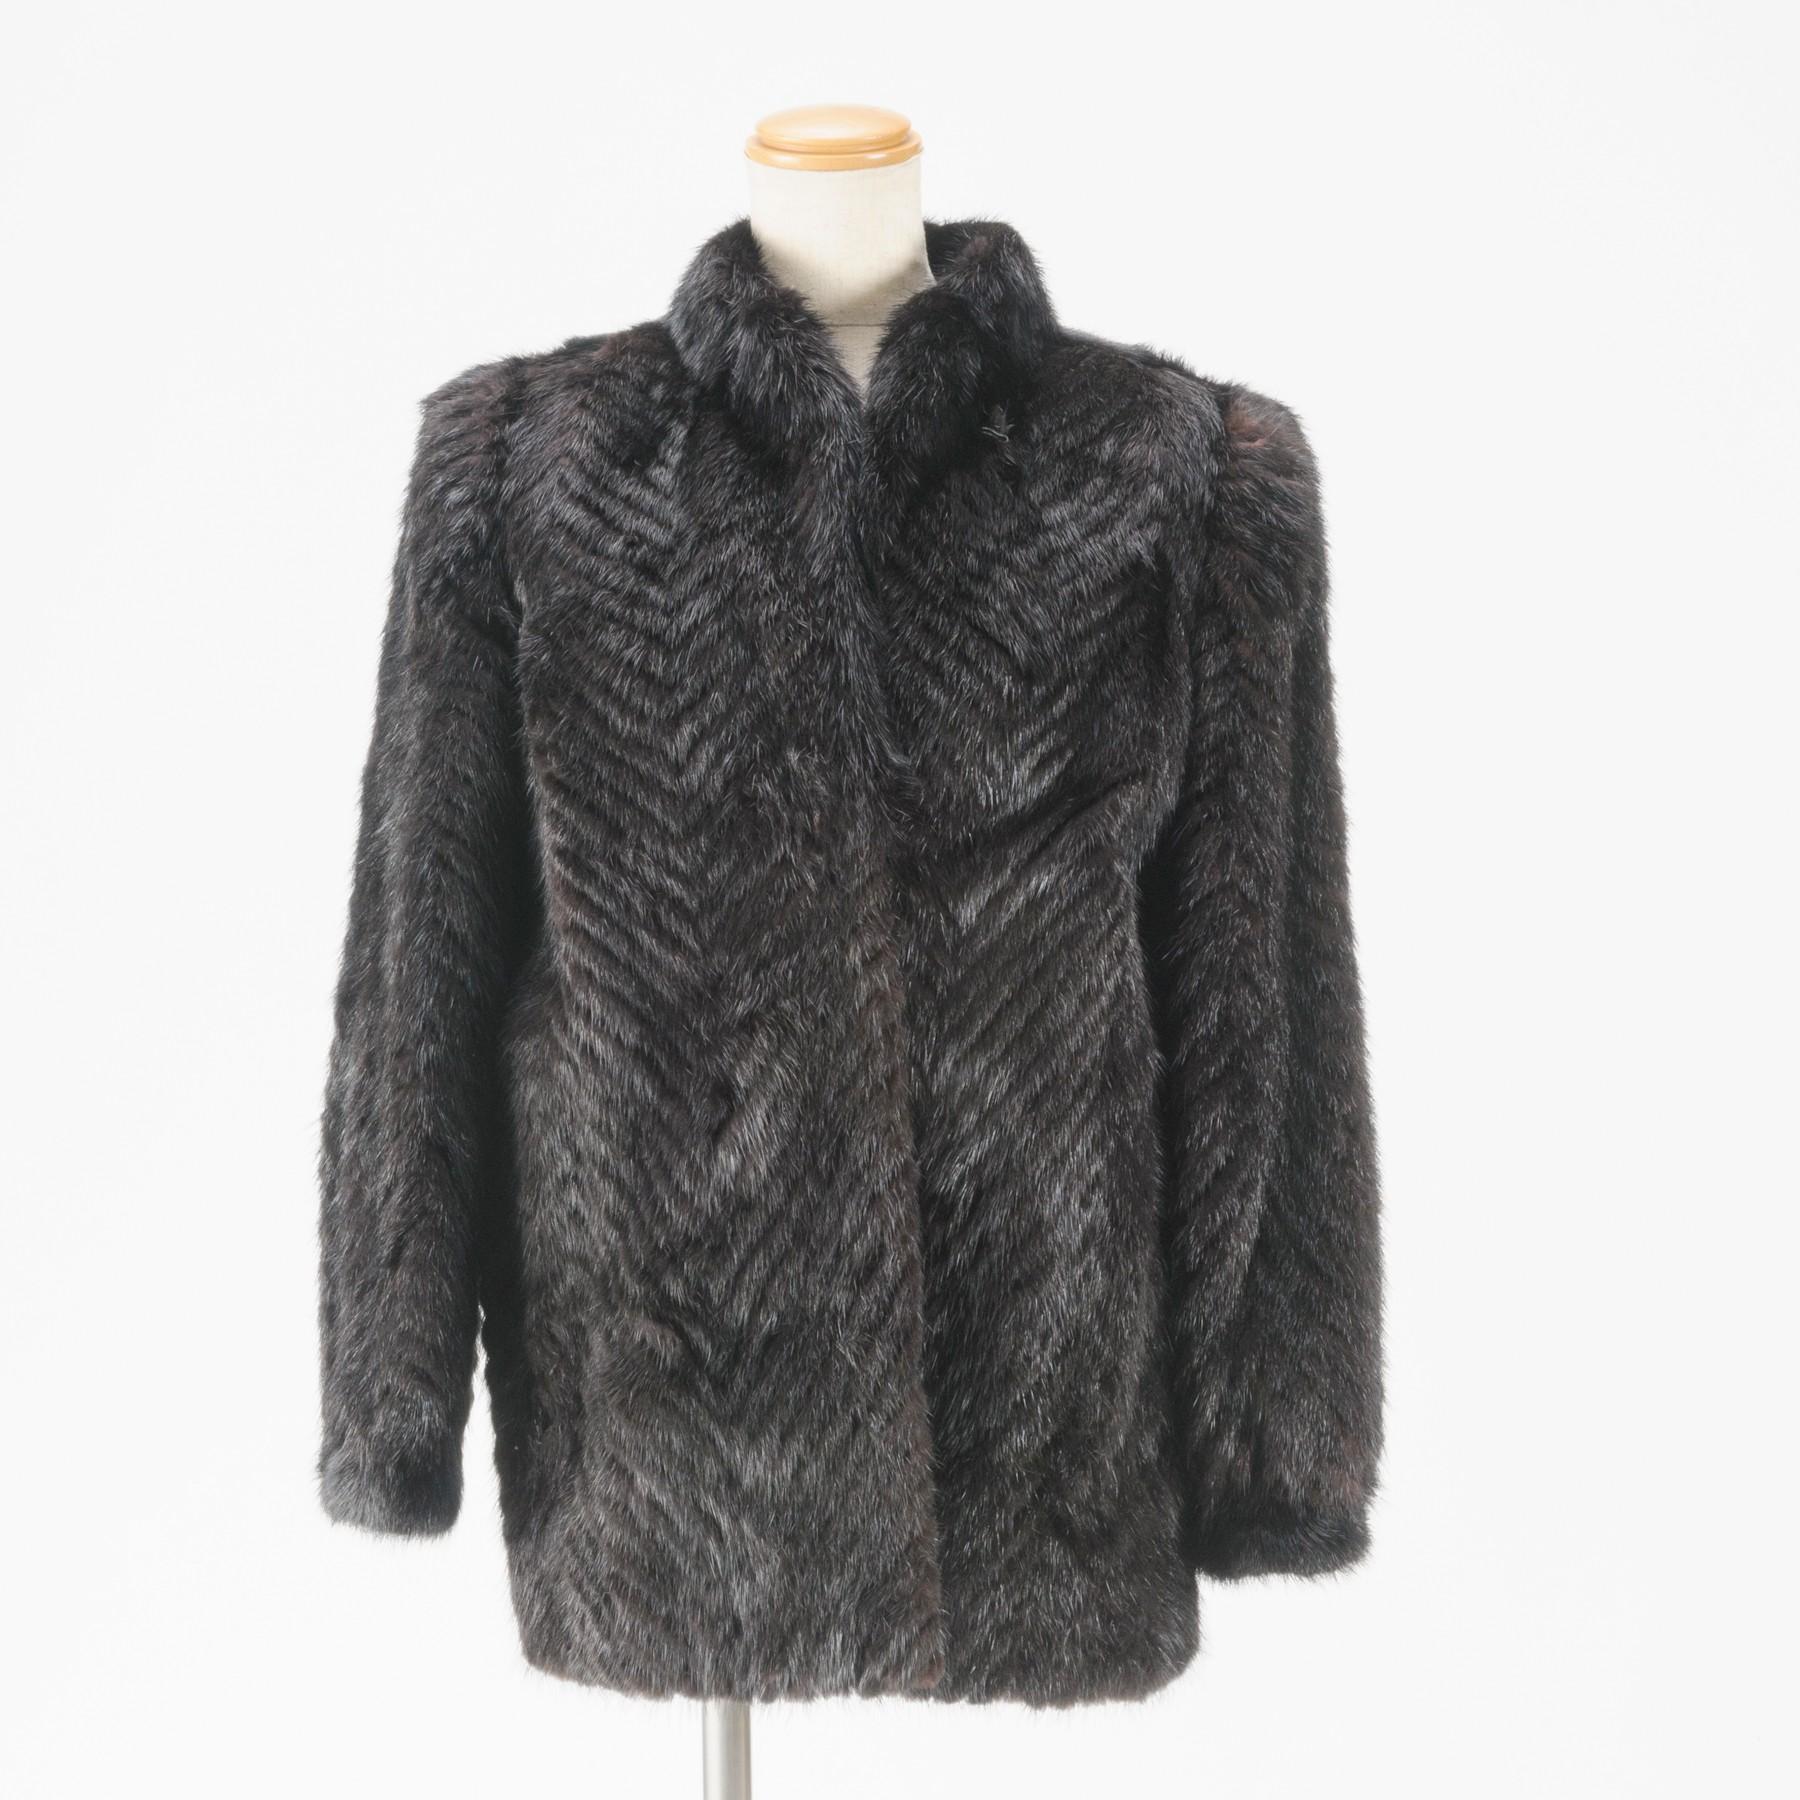 中古 バーゲンセール 本物綺麗ミンクの黒に近いダークブラウンのハーフコート 表記サイズ13号 202-1 ○D15-43 送料0円